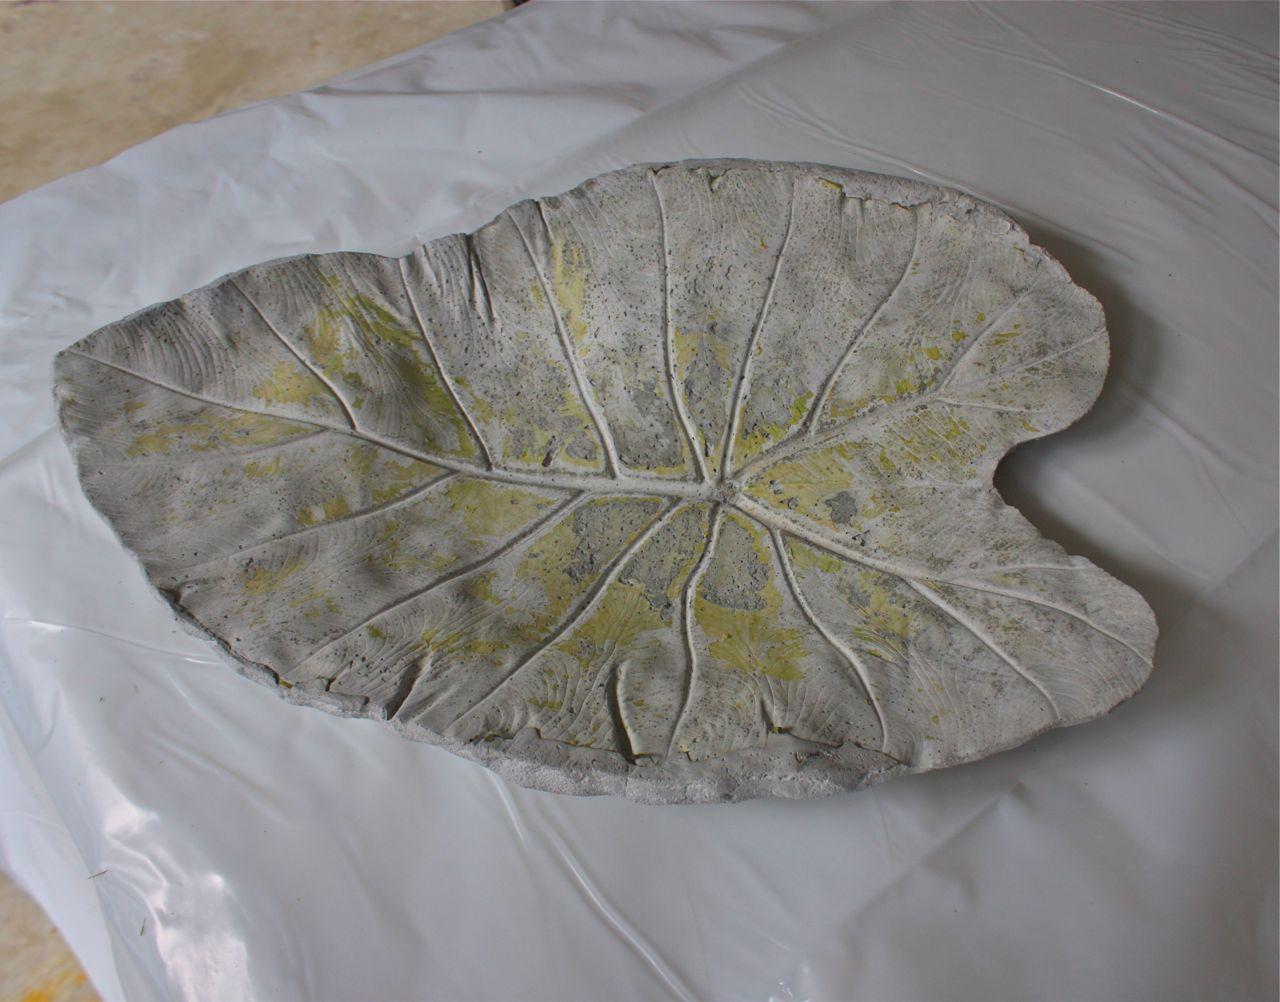 Baño de hormigón de un molde de ruibarbo | Blog de iHanna BlogiHanna